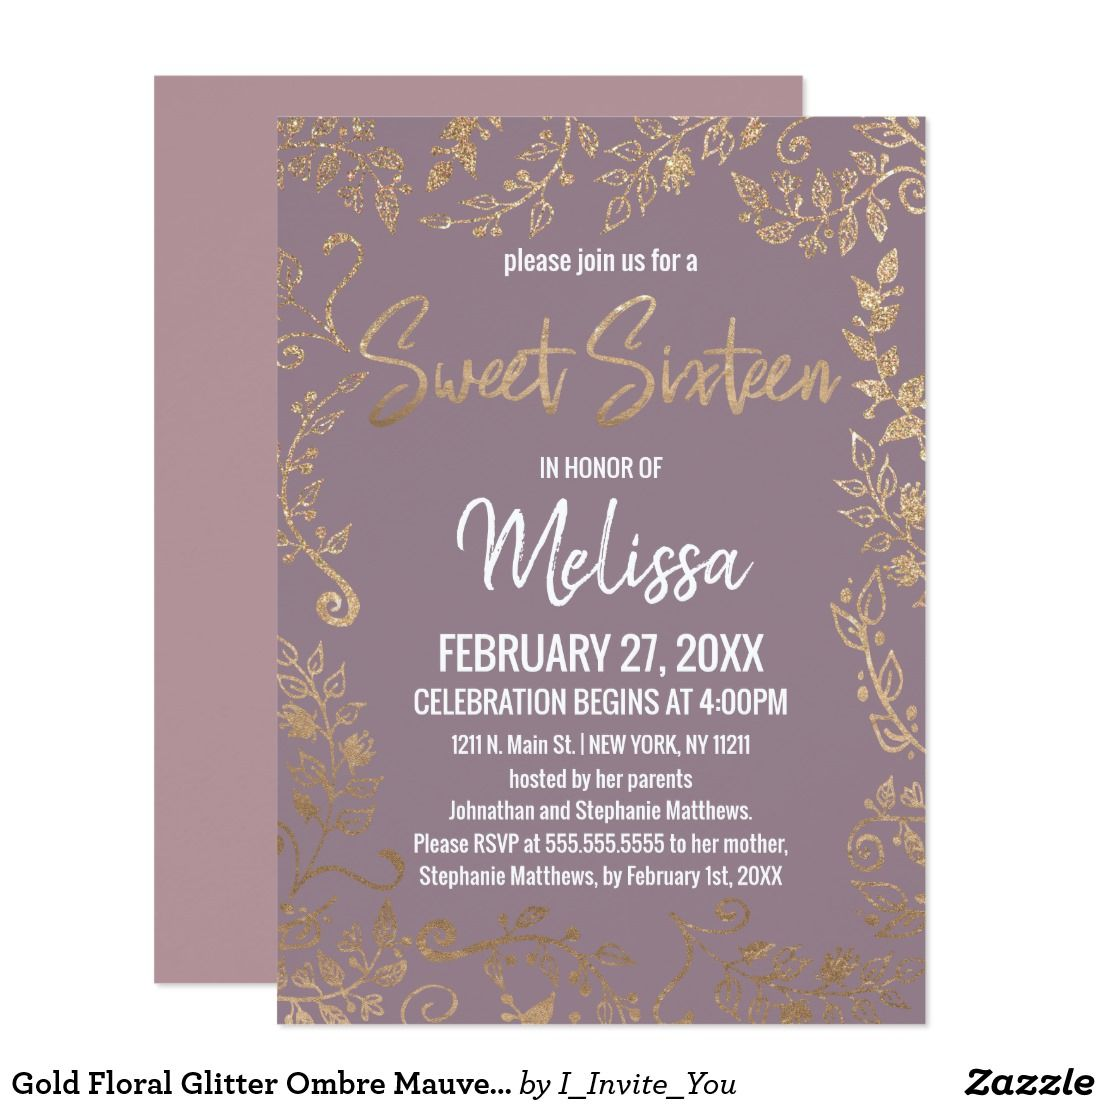 Gold Floral Glitter Ombre Mauve Lilac Sweet 16 Invitation Zazzle